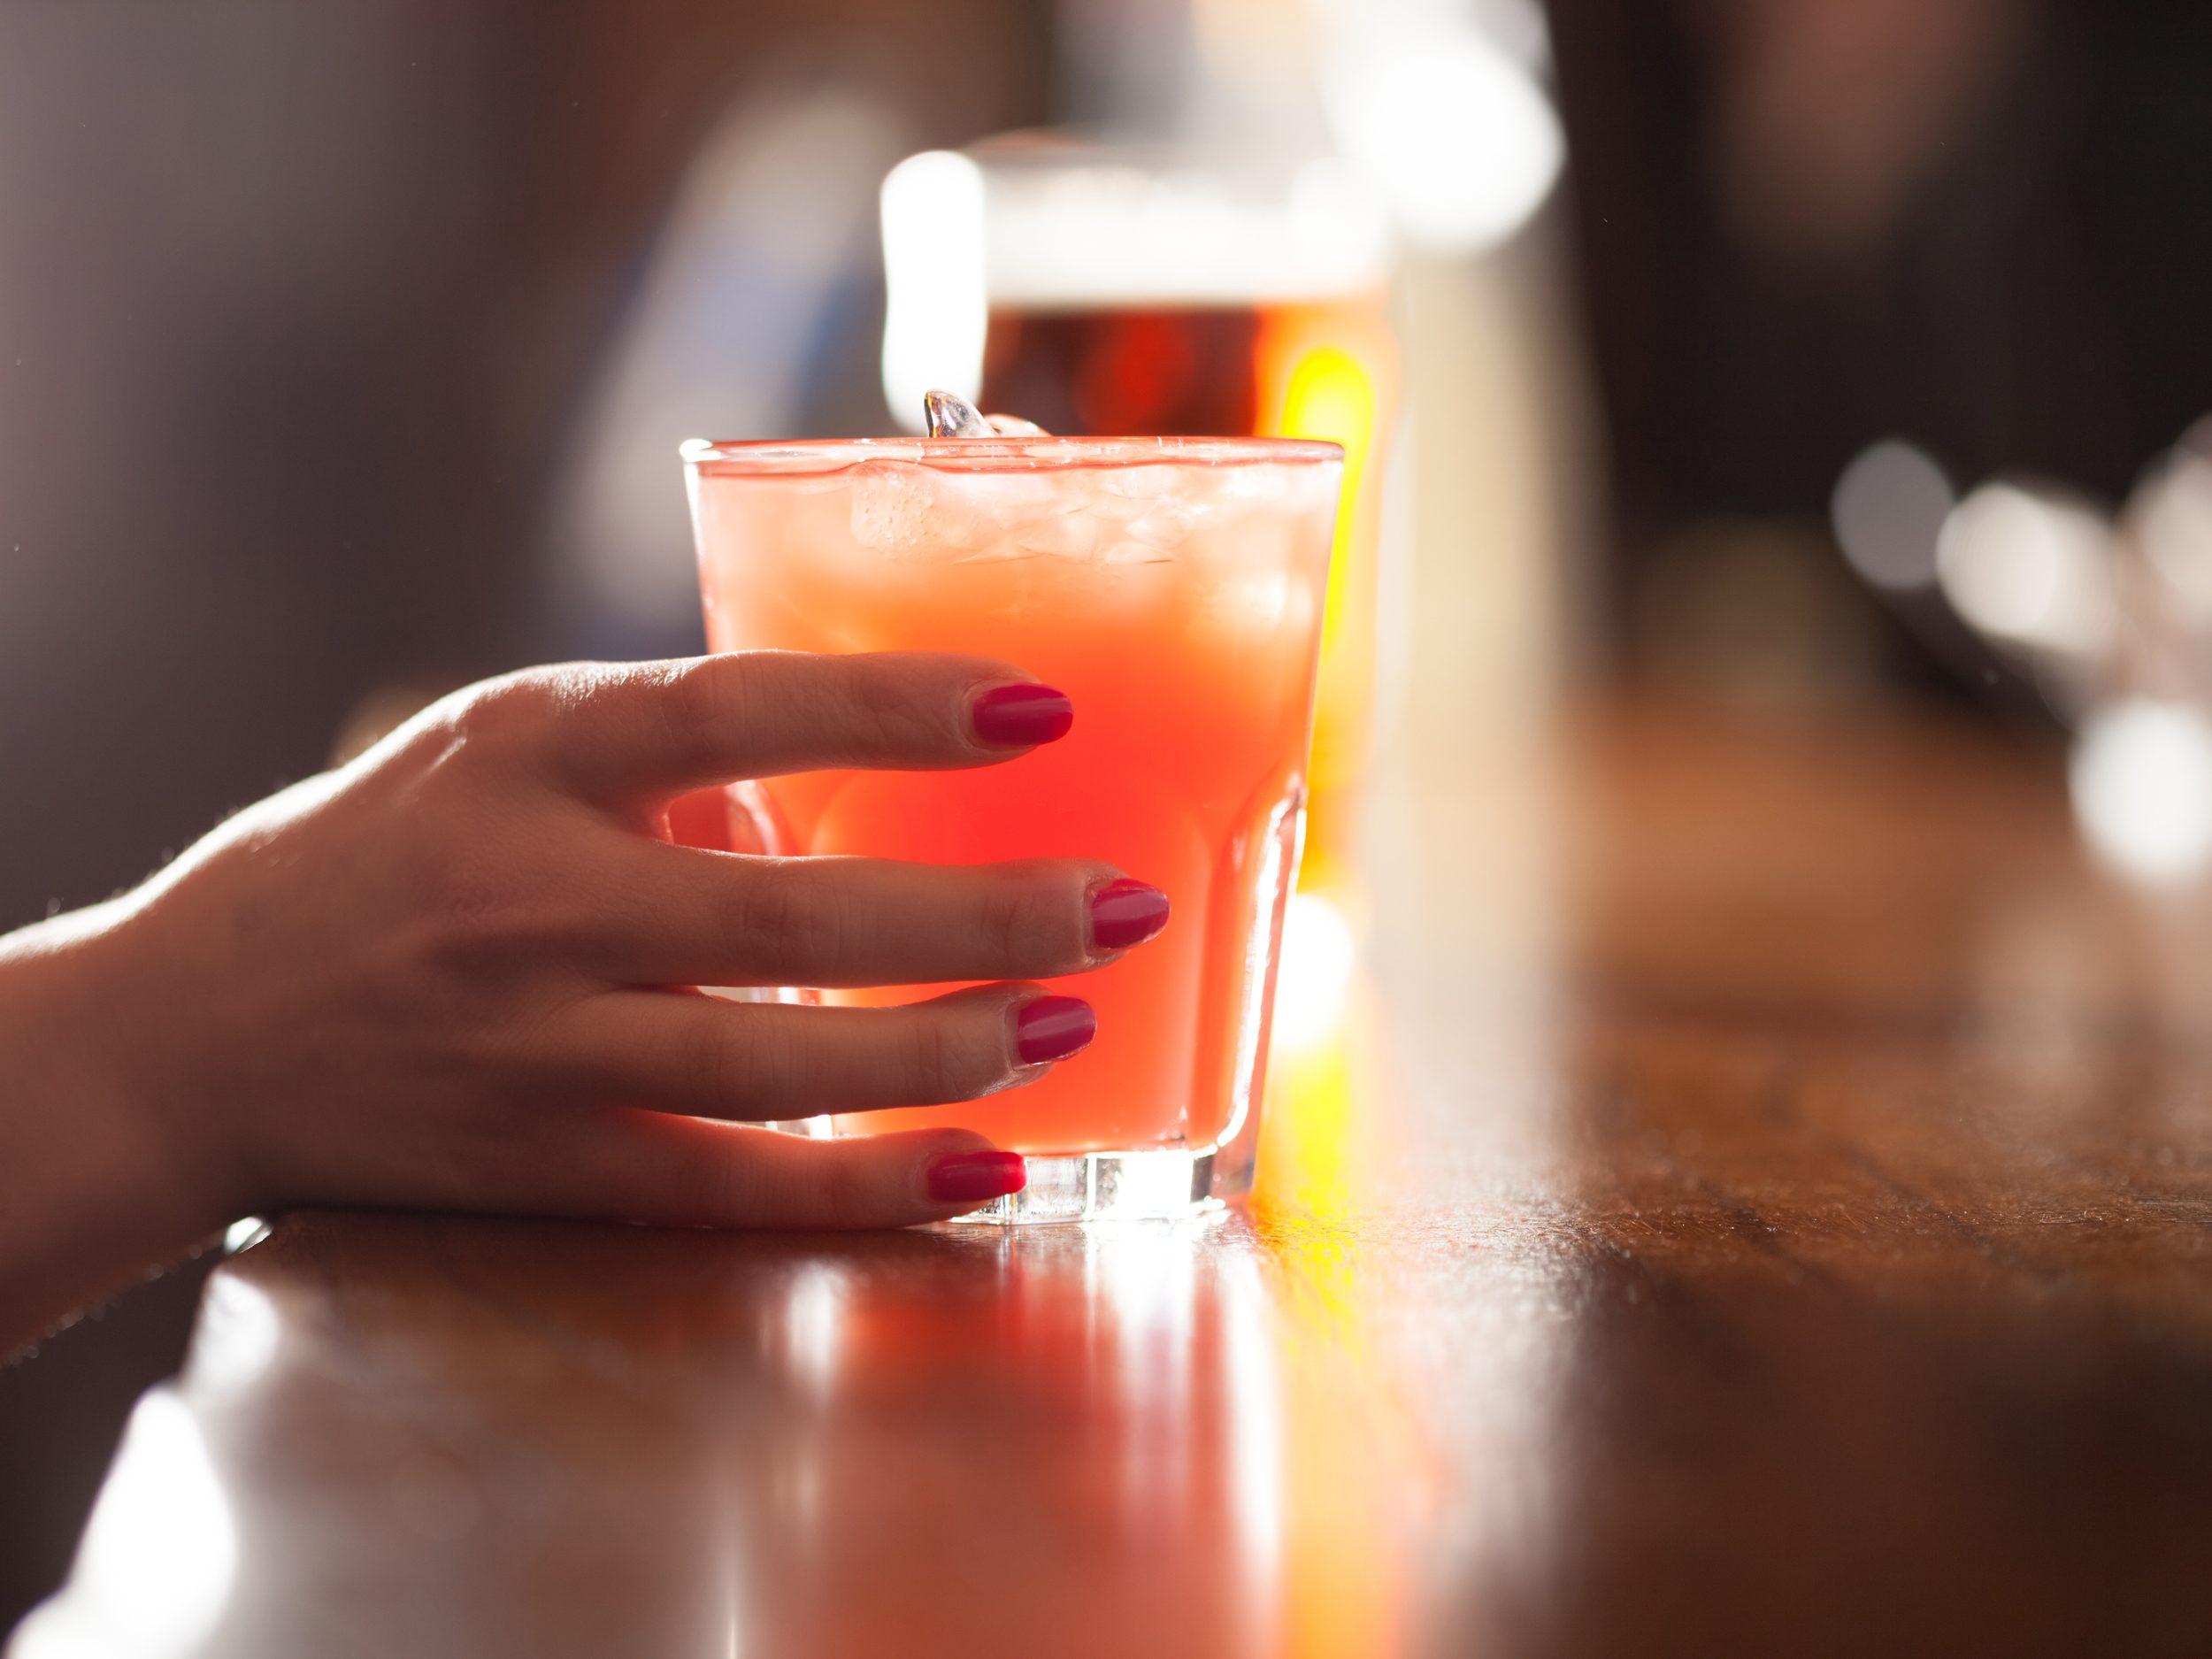 Femmes souffrant de problème d'alcool: les ressources et organismes